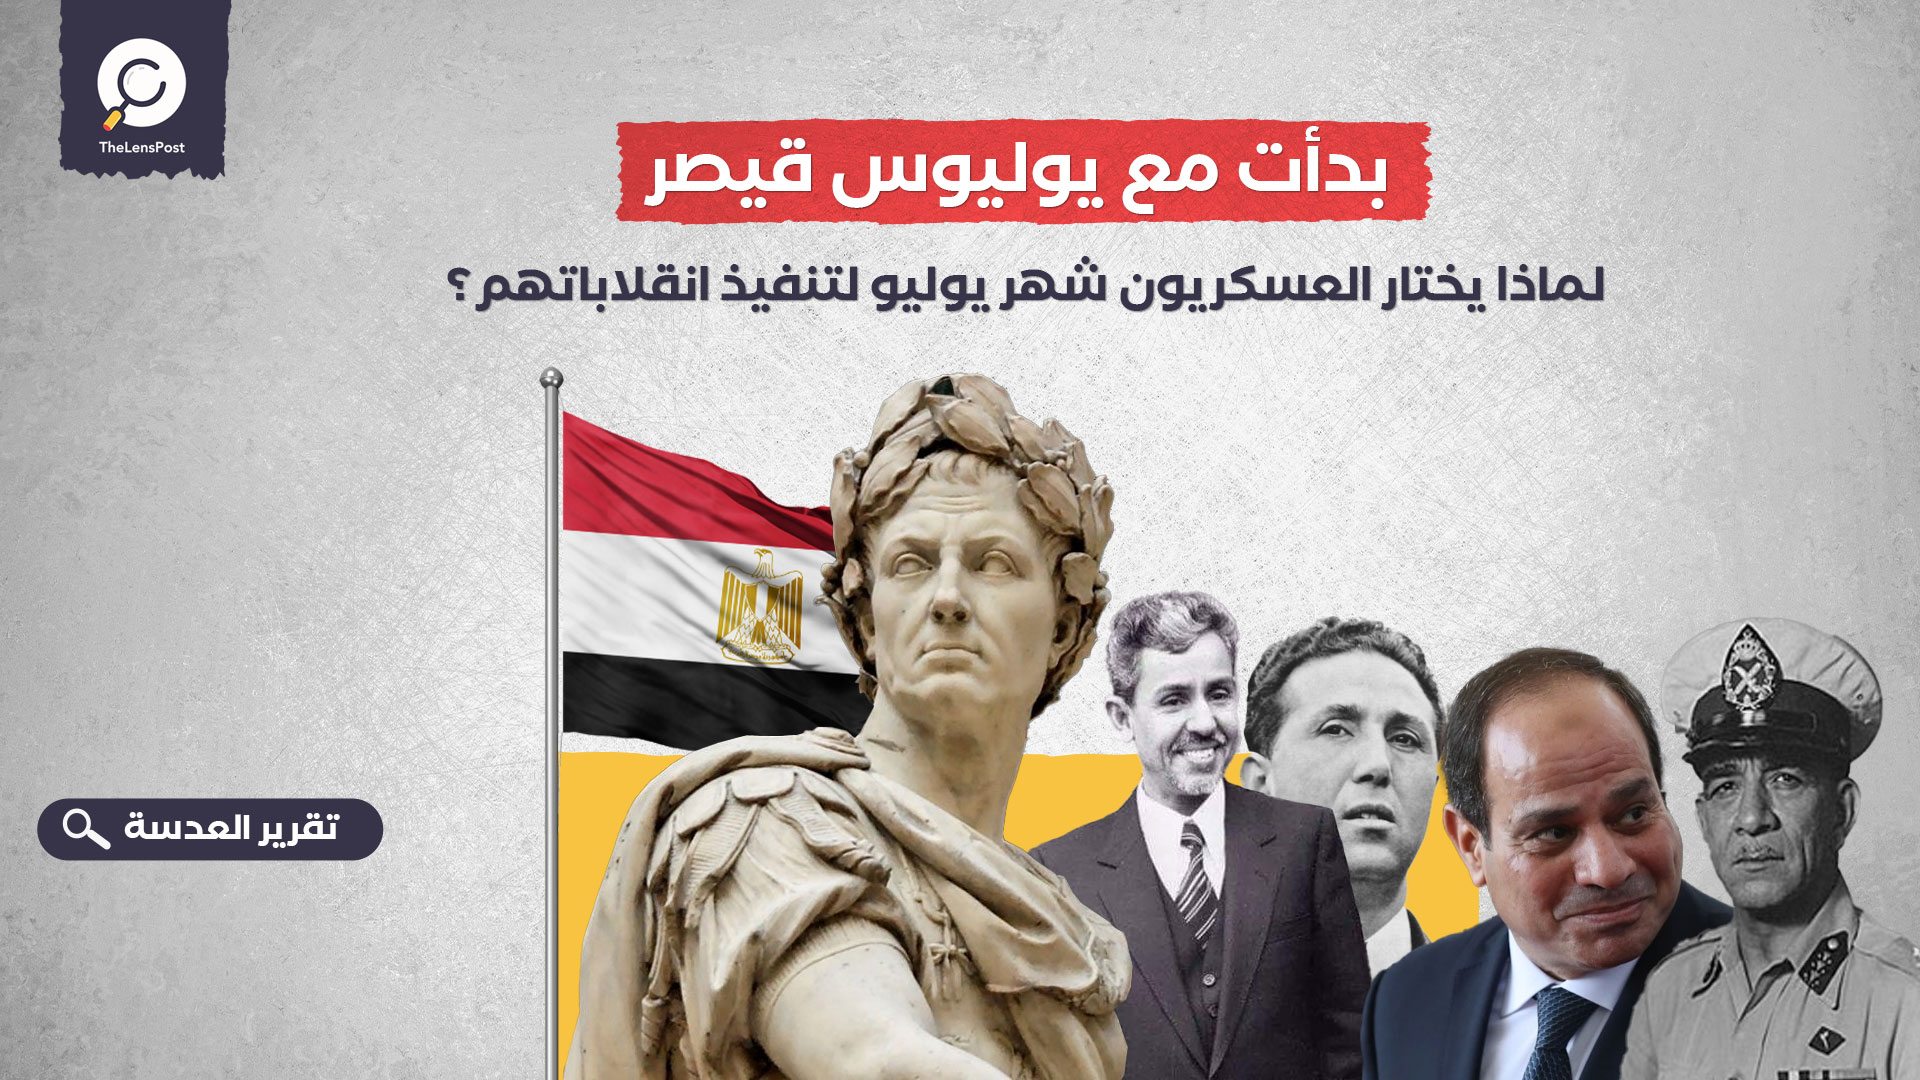 بدأت مع يوليوس قيصر.. لماذا يختار العسكريون شهر يوليو لتنفيذ انقلاباتهم؟